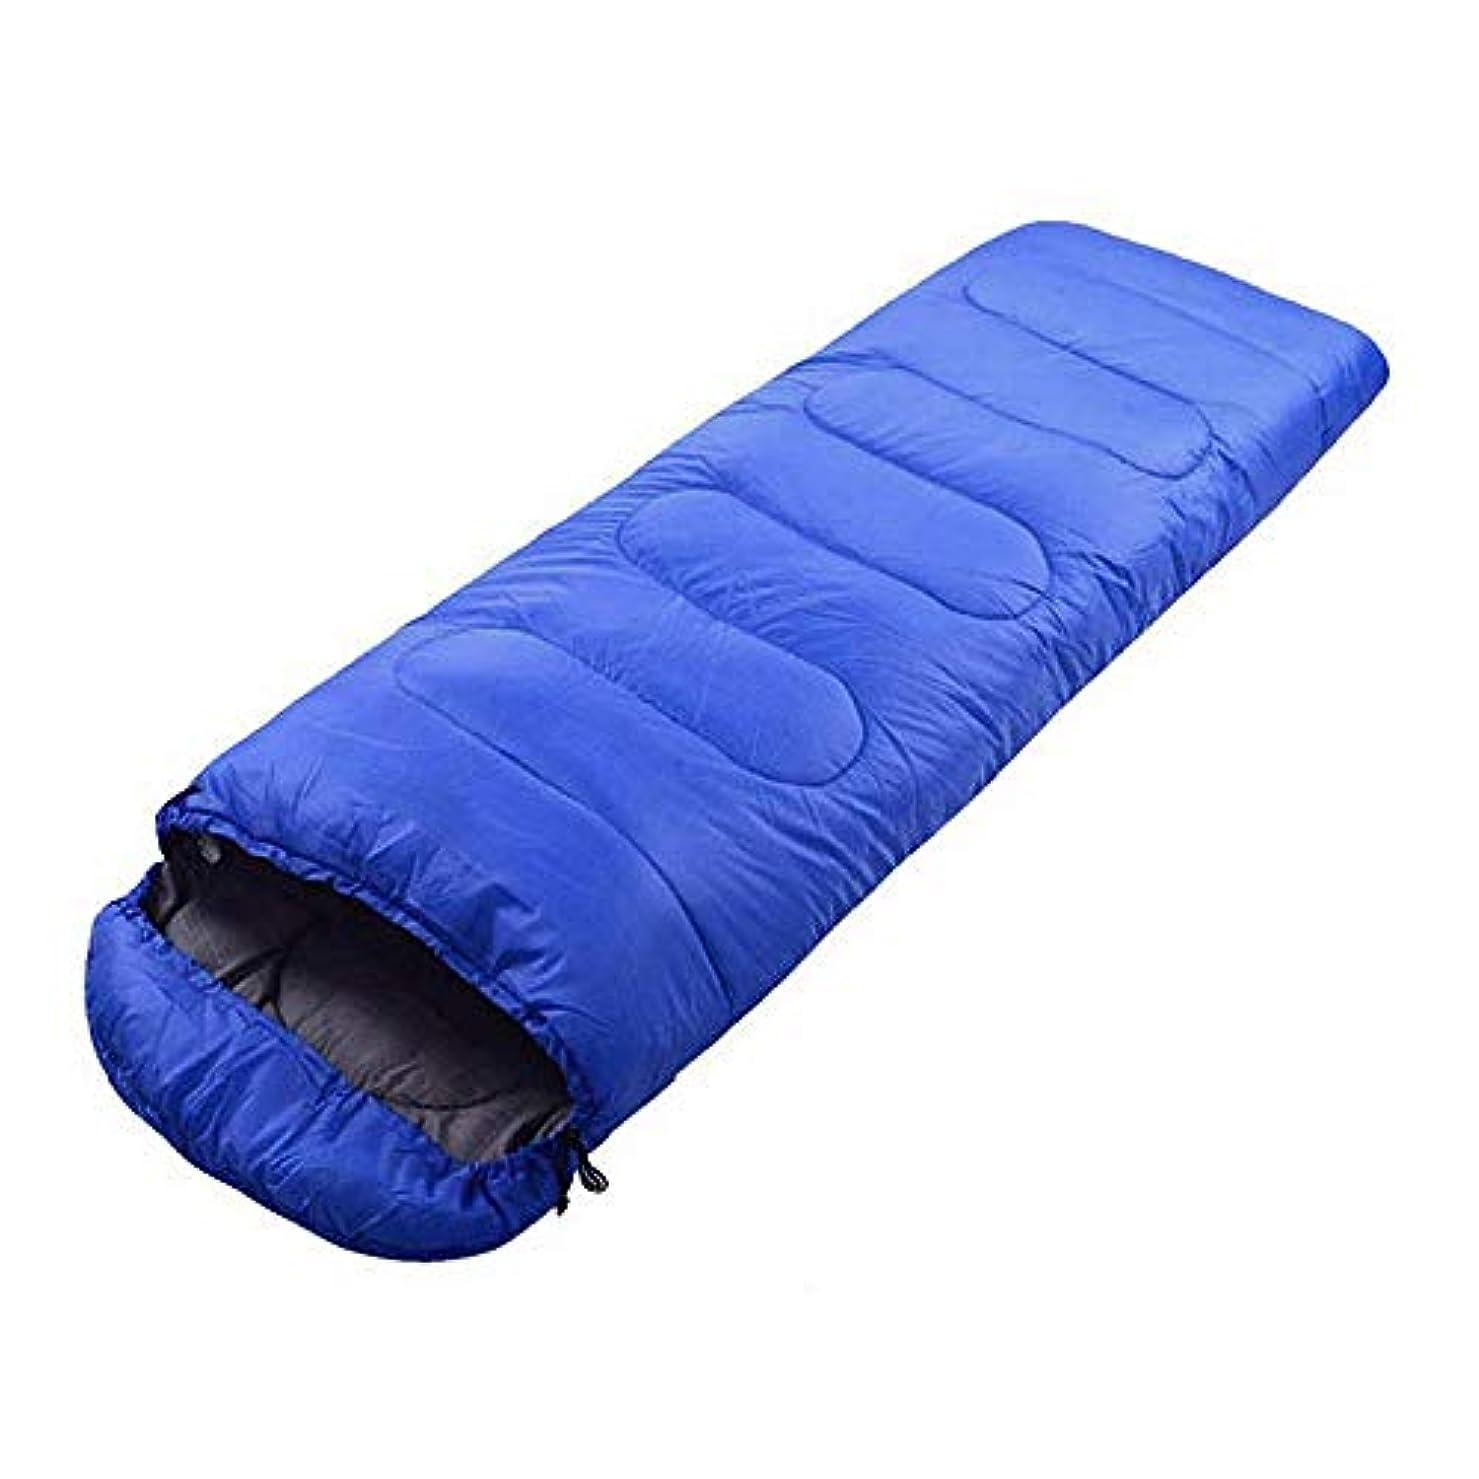 暖かさ弱点反論ポータブルエンベロープスリーピングバッグおよび圧縮バッグキャンプハイキングバックパックエッセンシャル